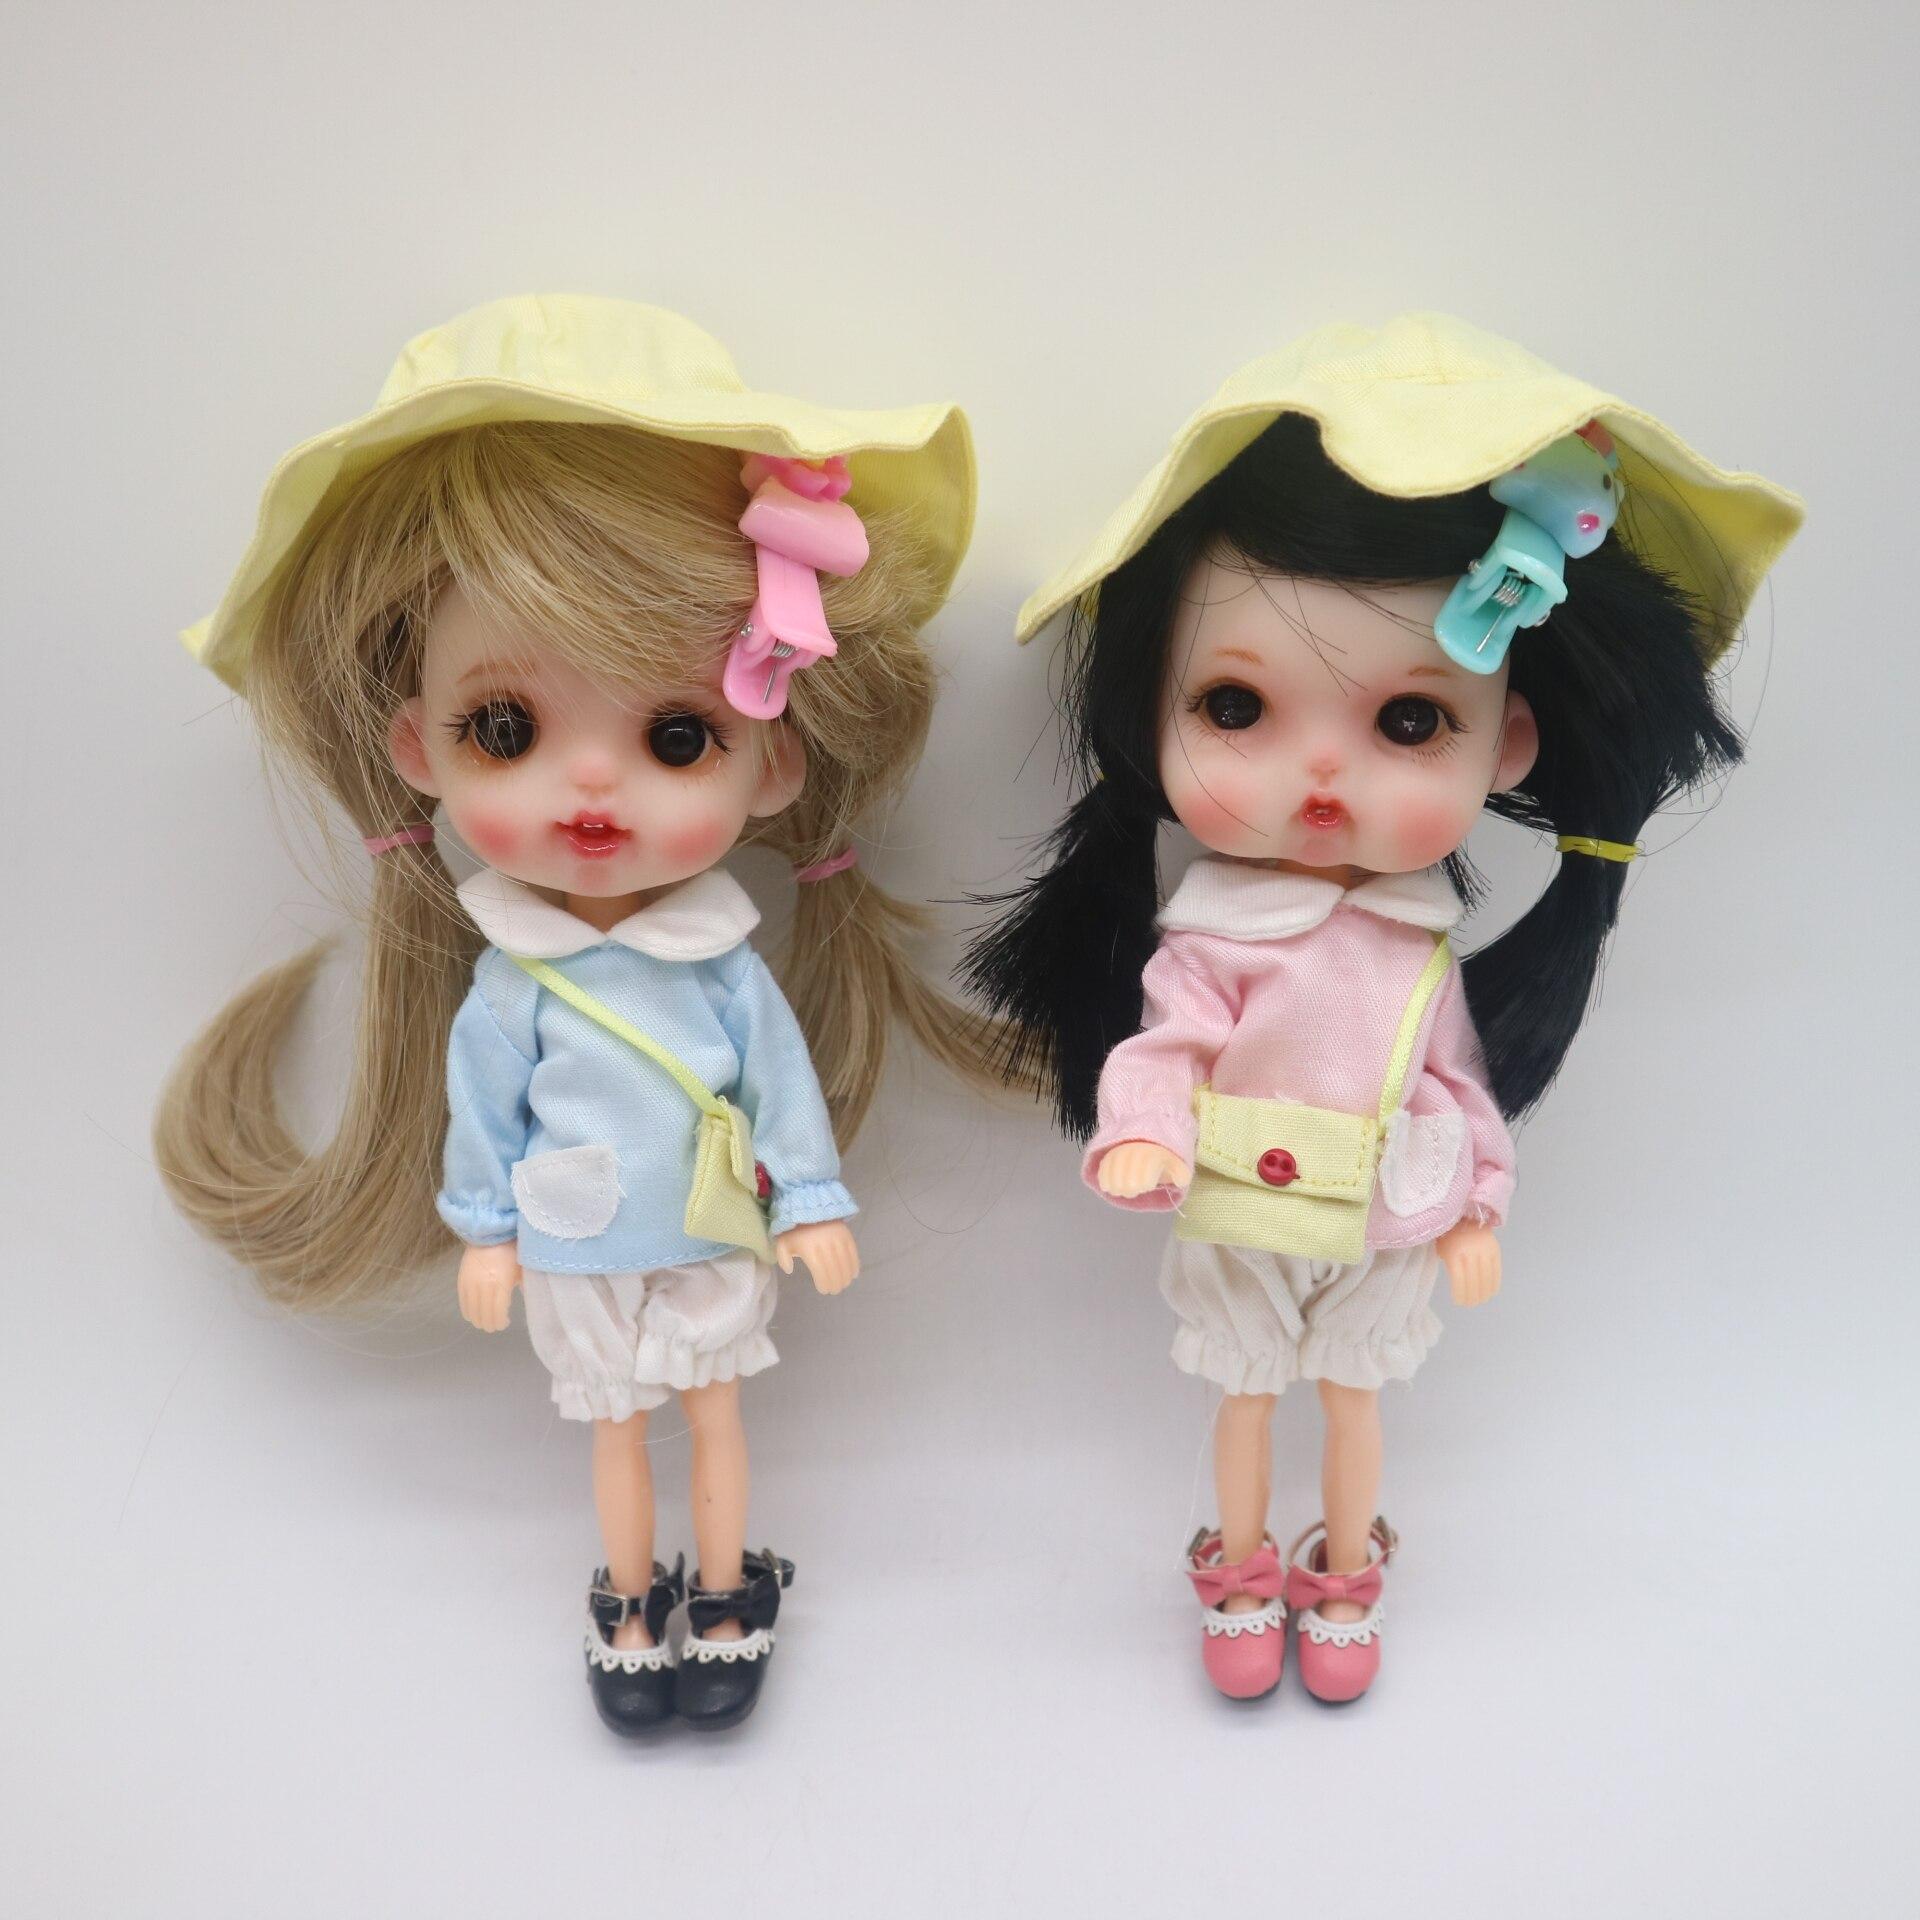 OB11 poupée à la main personnalisation poupées Mini poupée 20190518-in Poupées from Jeux et loisirs    2